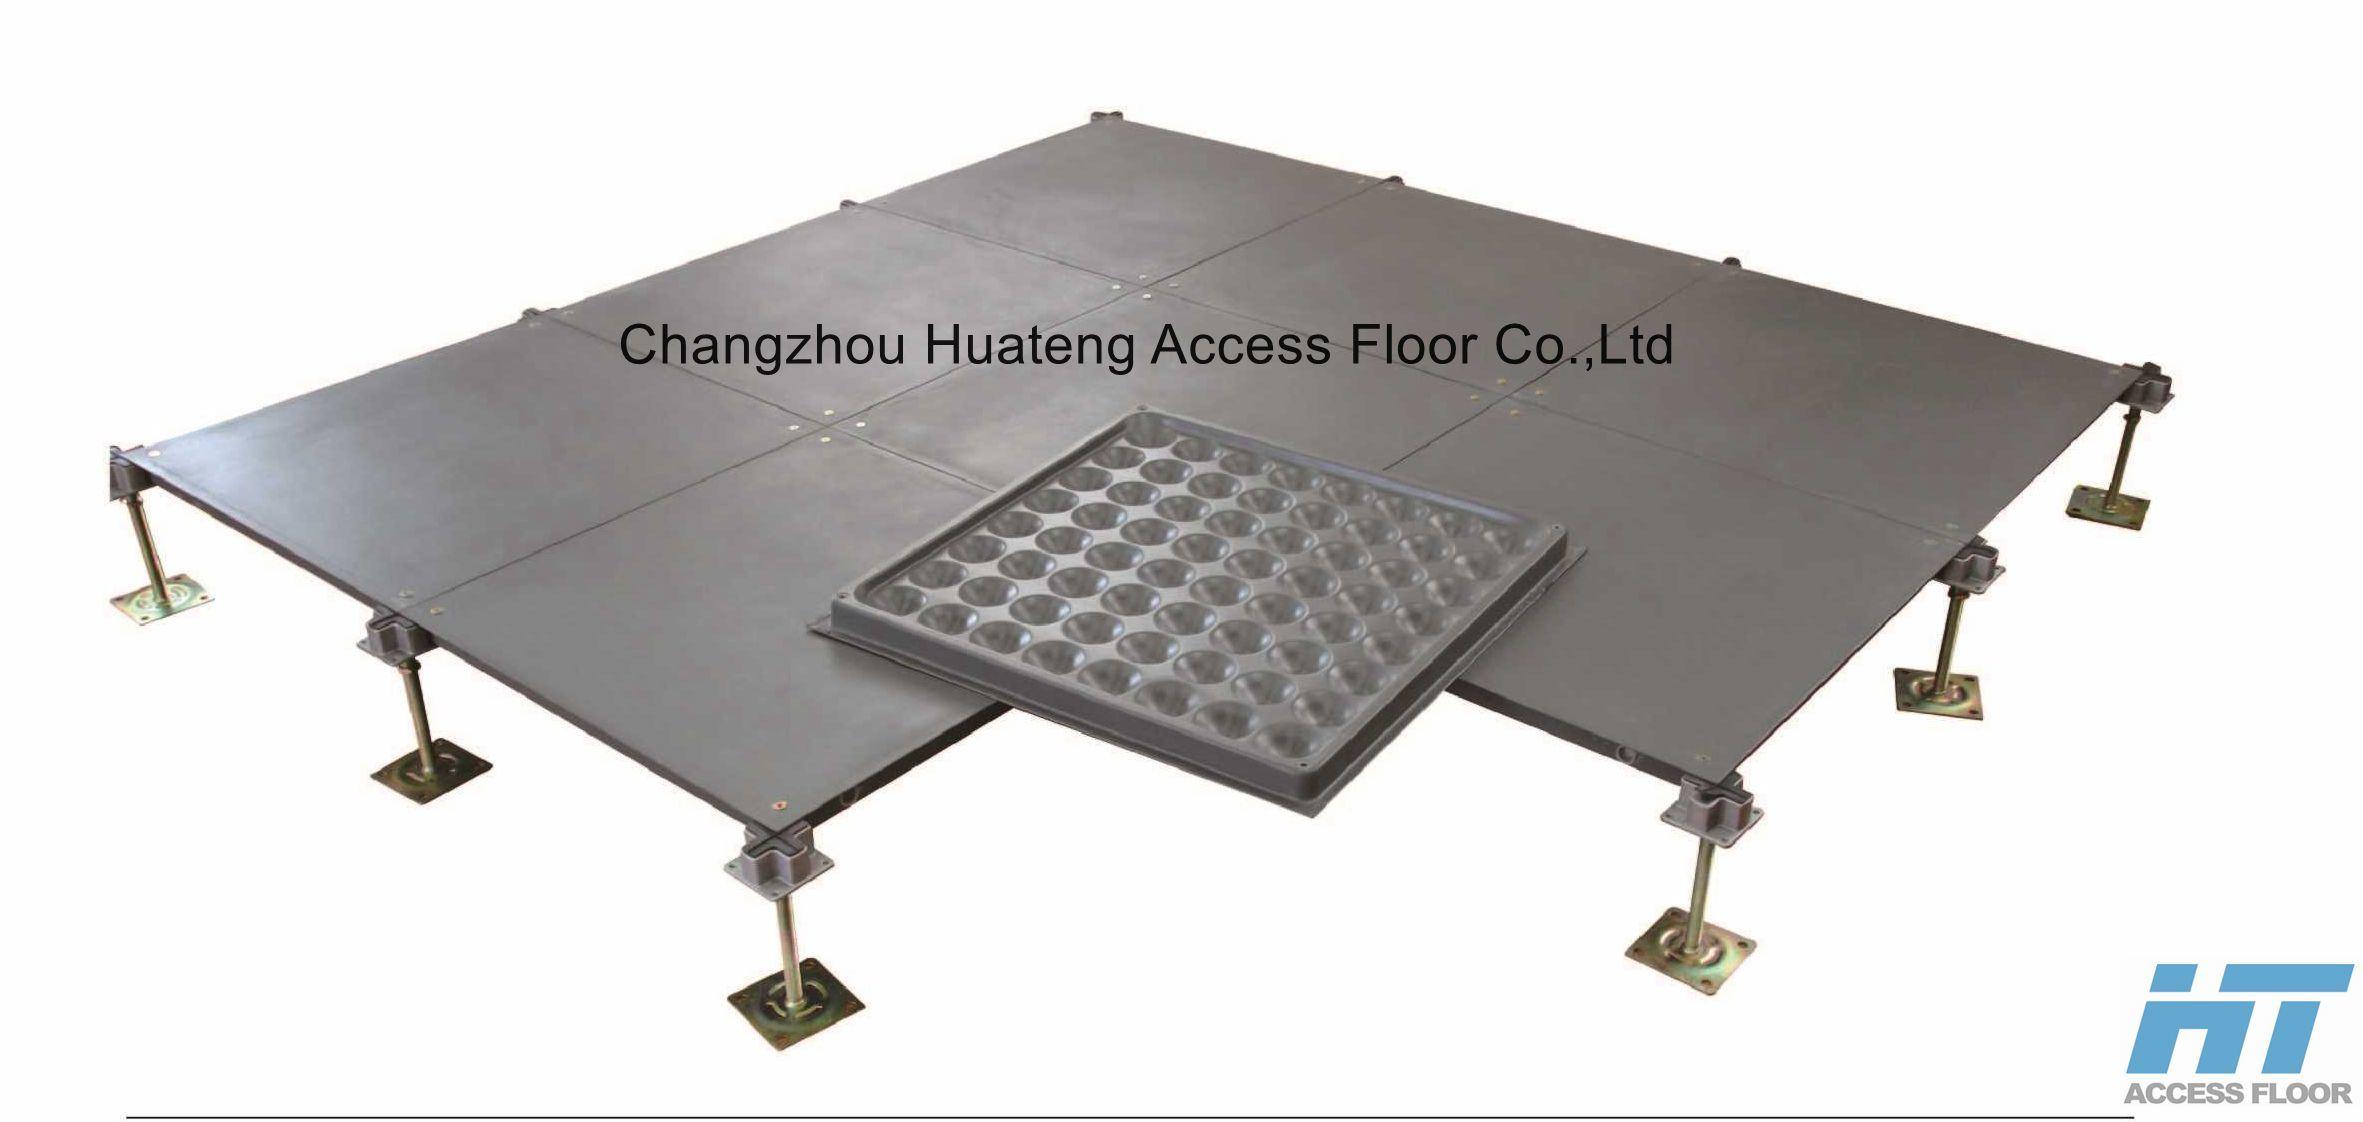 Data Center Floor Tile Puller Carpet Vidalondon